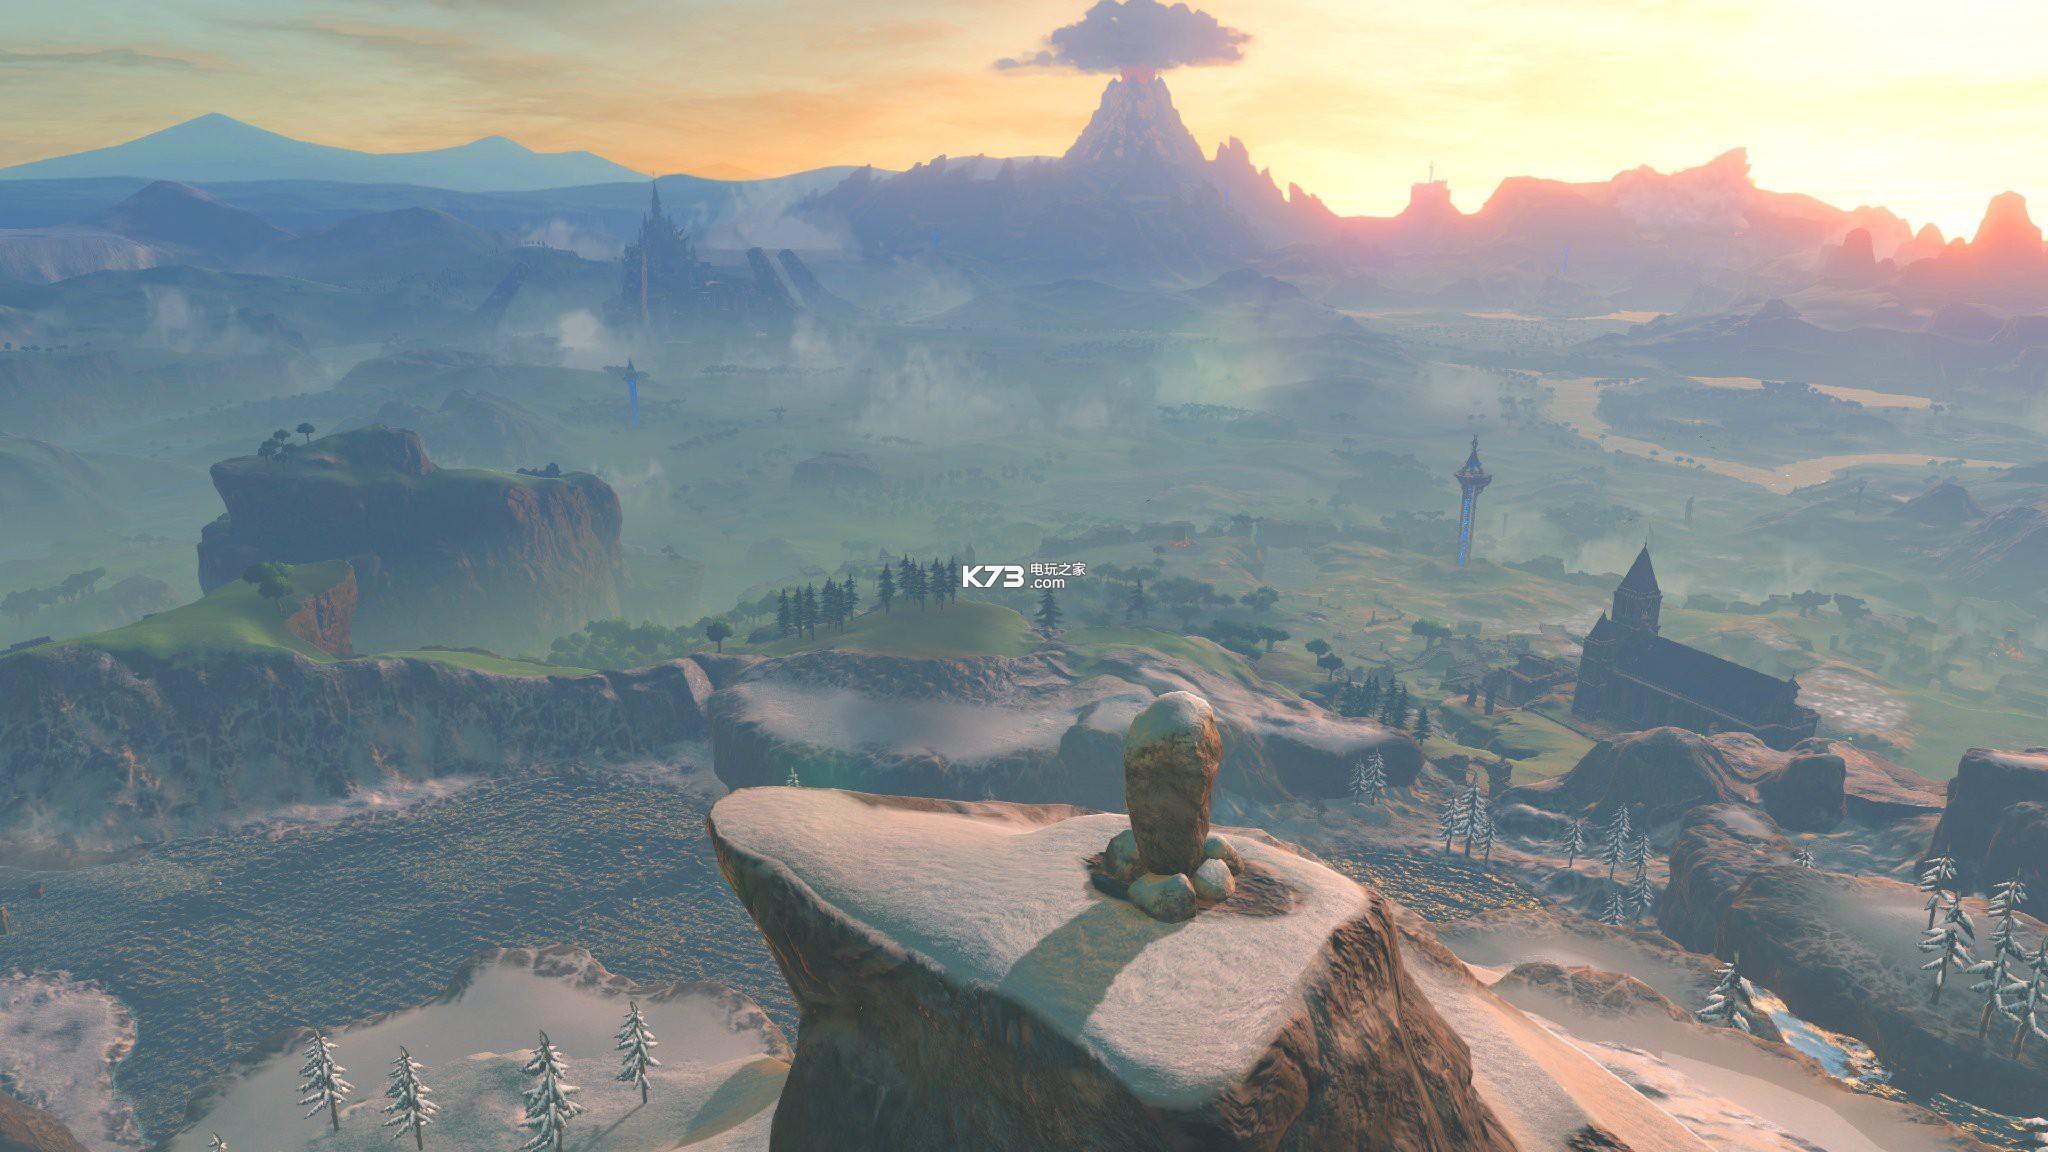 塞尔达传说荒野之息 模拟器版 截图